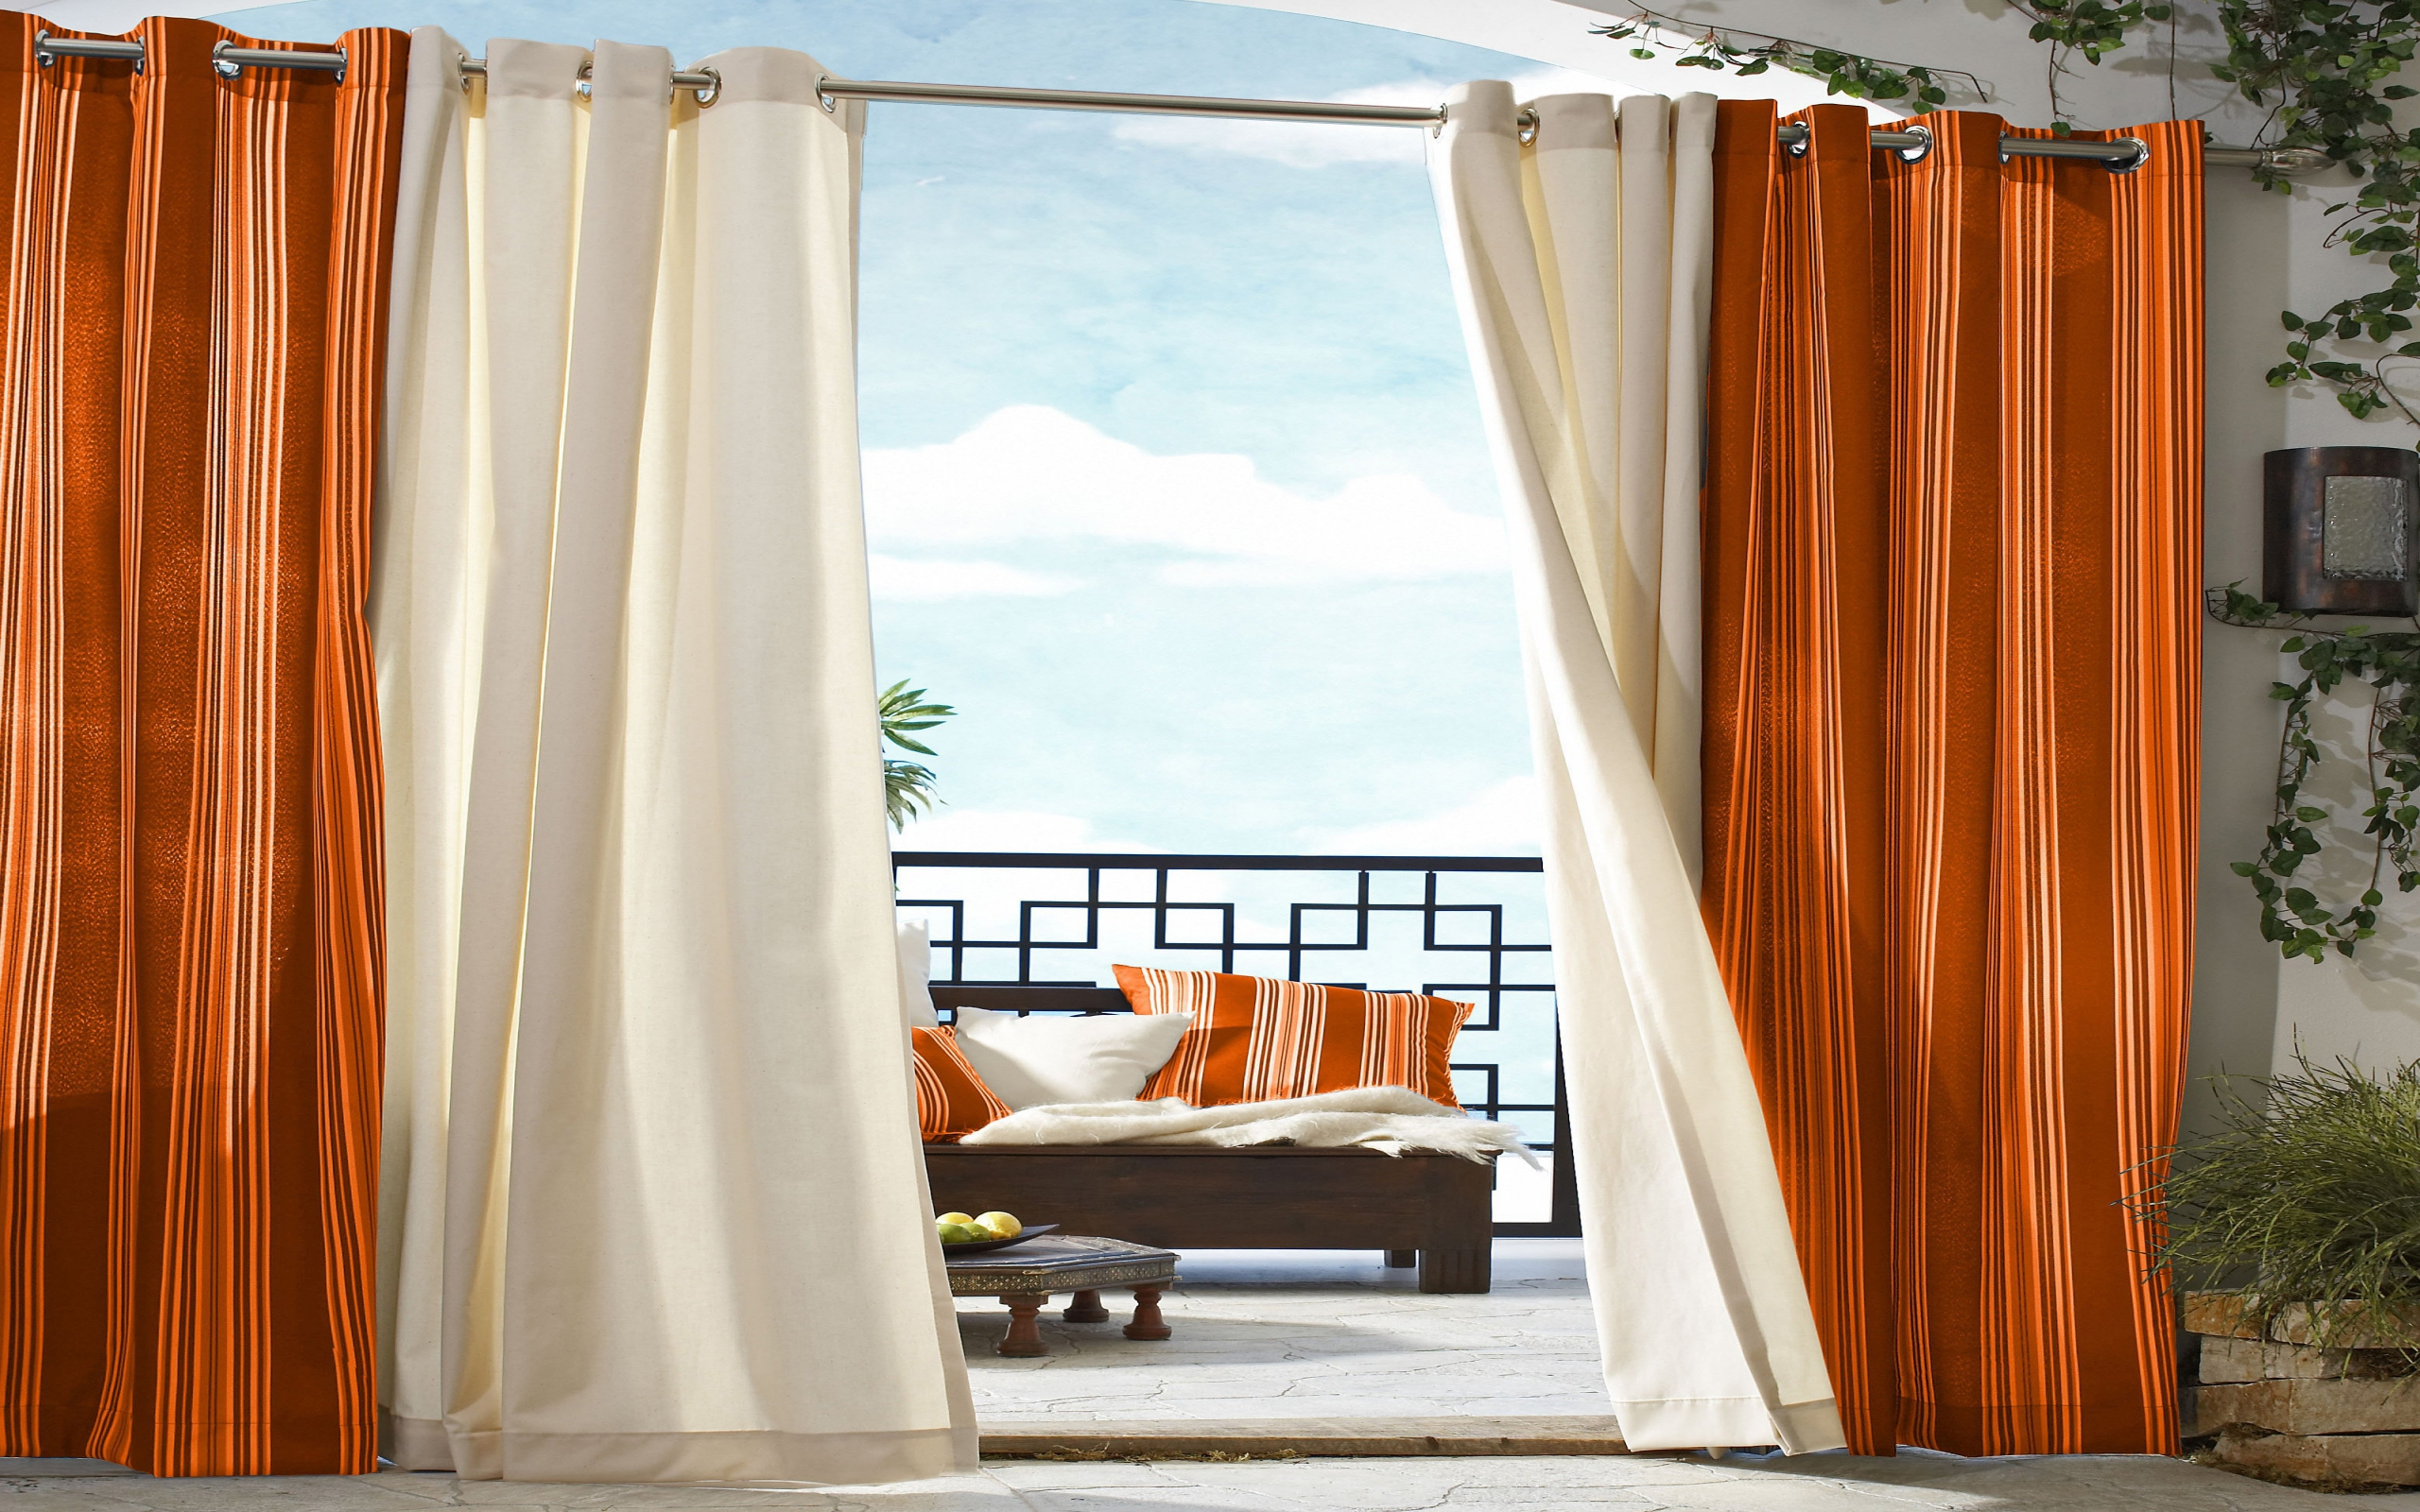 View In Gallery Inspirasi Langsir Putih Dan Chrome Sesuai Untuk Tirai Balkoni